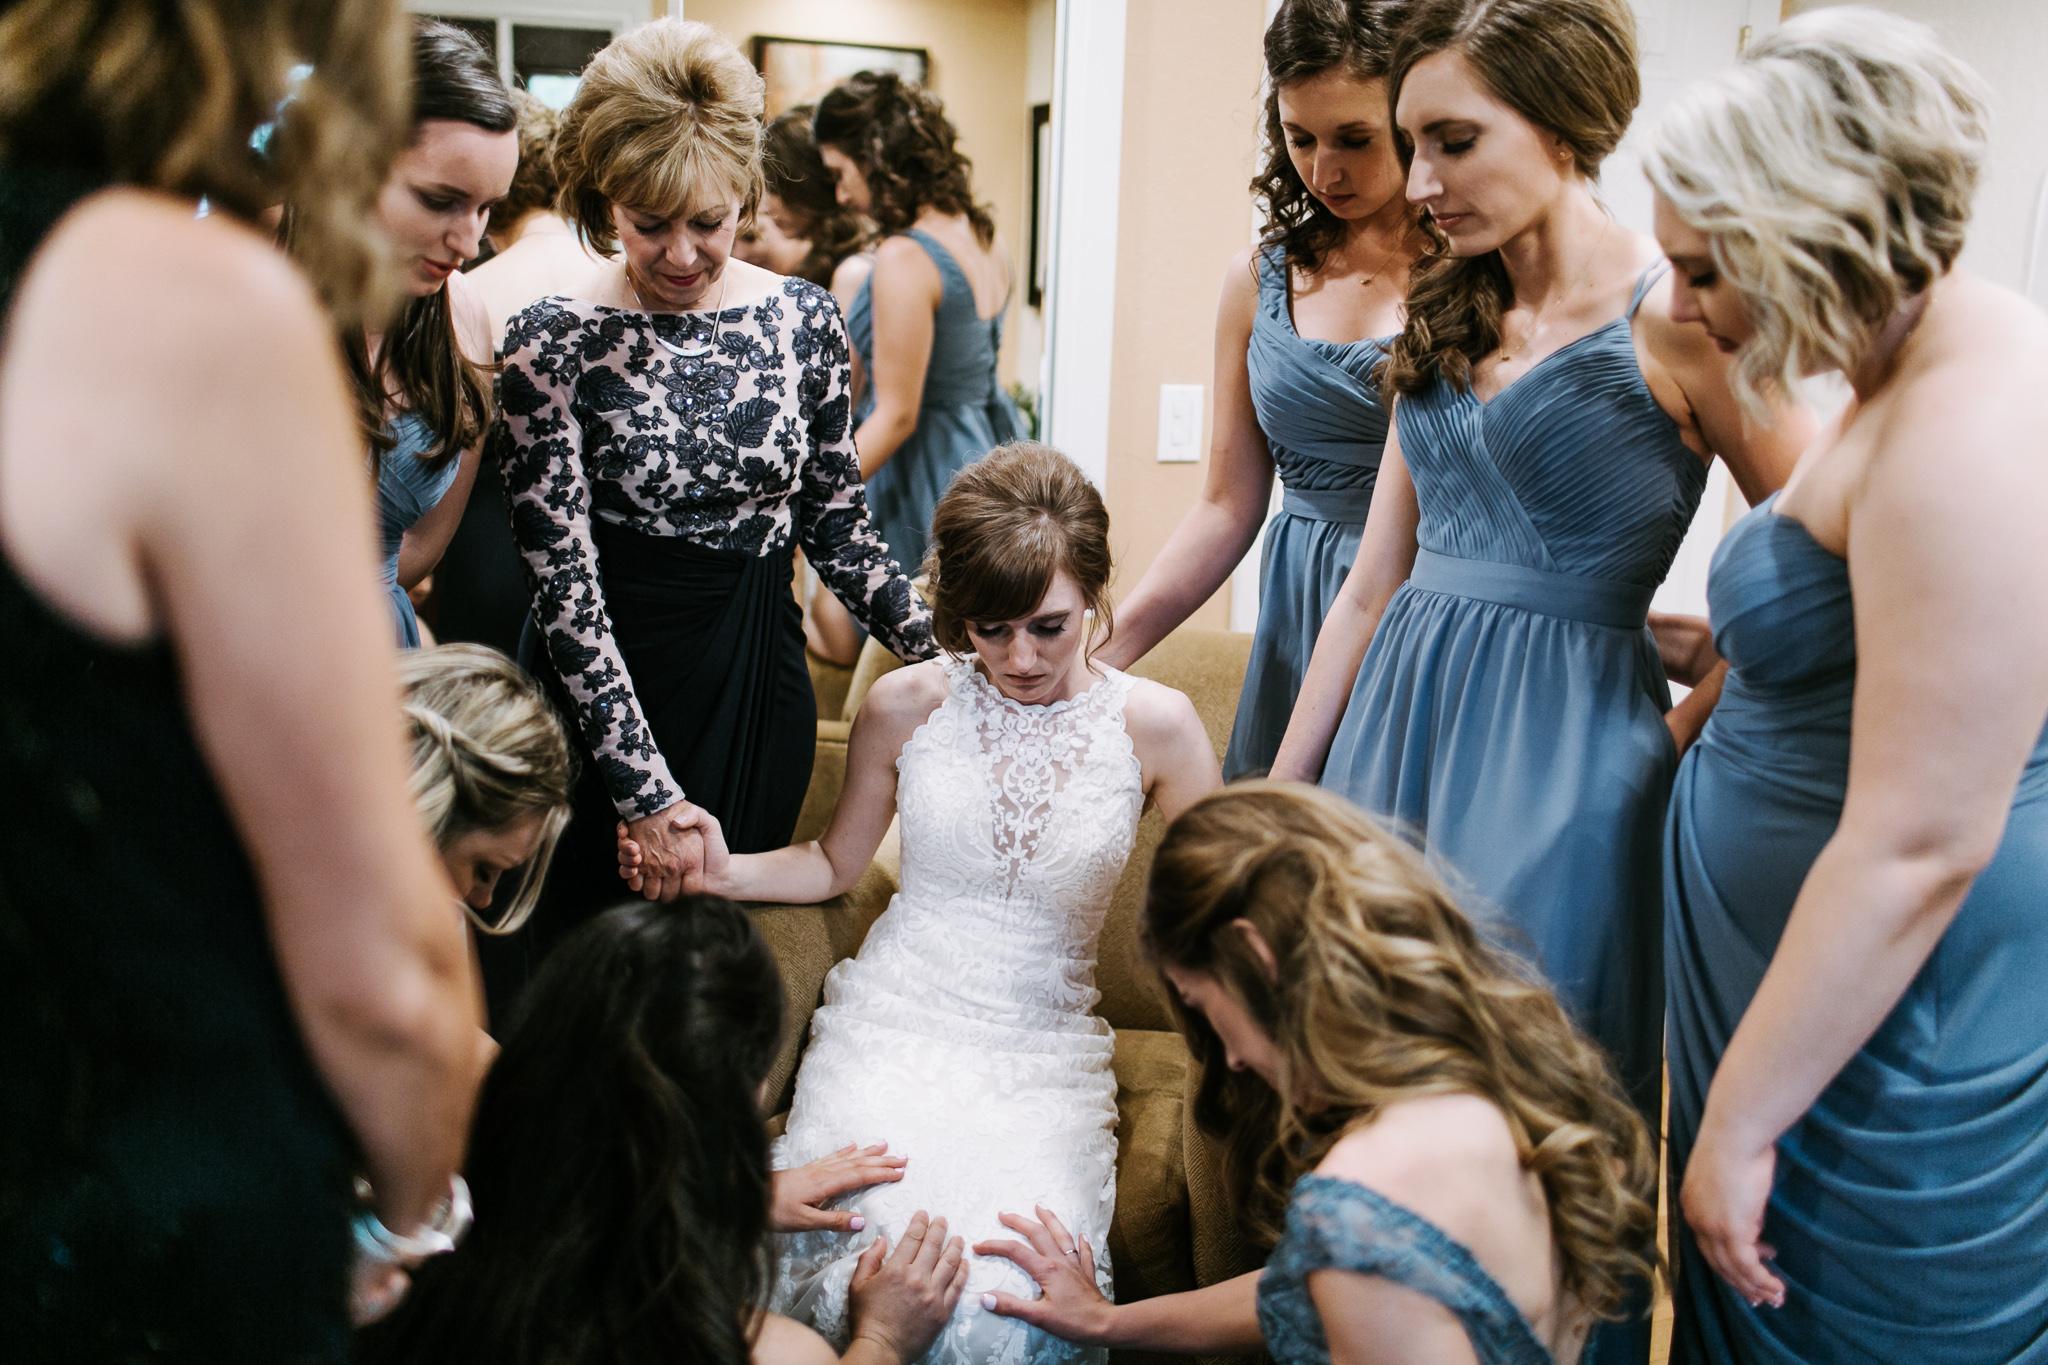 BayArea-Wedding-Photographer-33.jpg